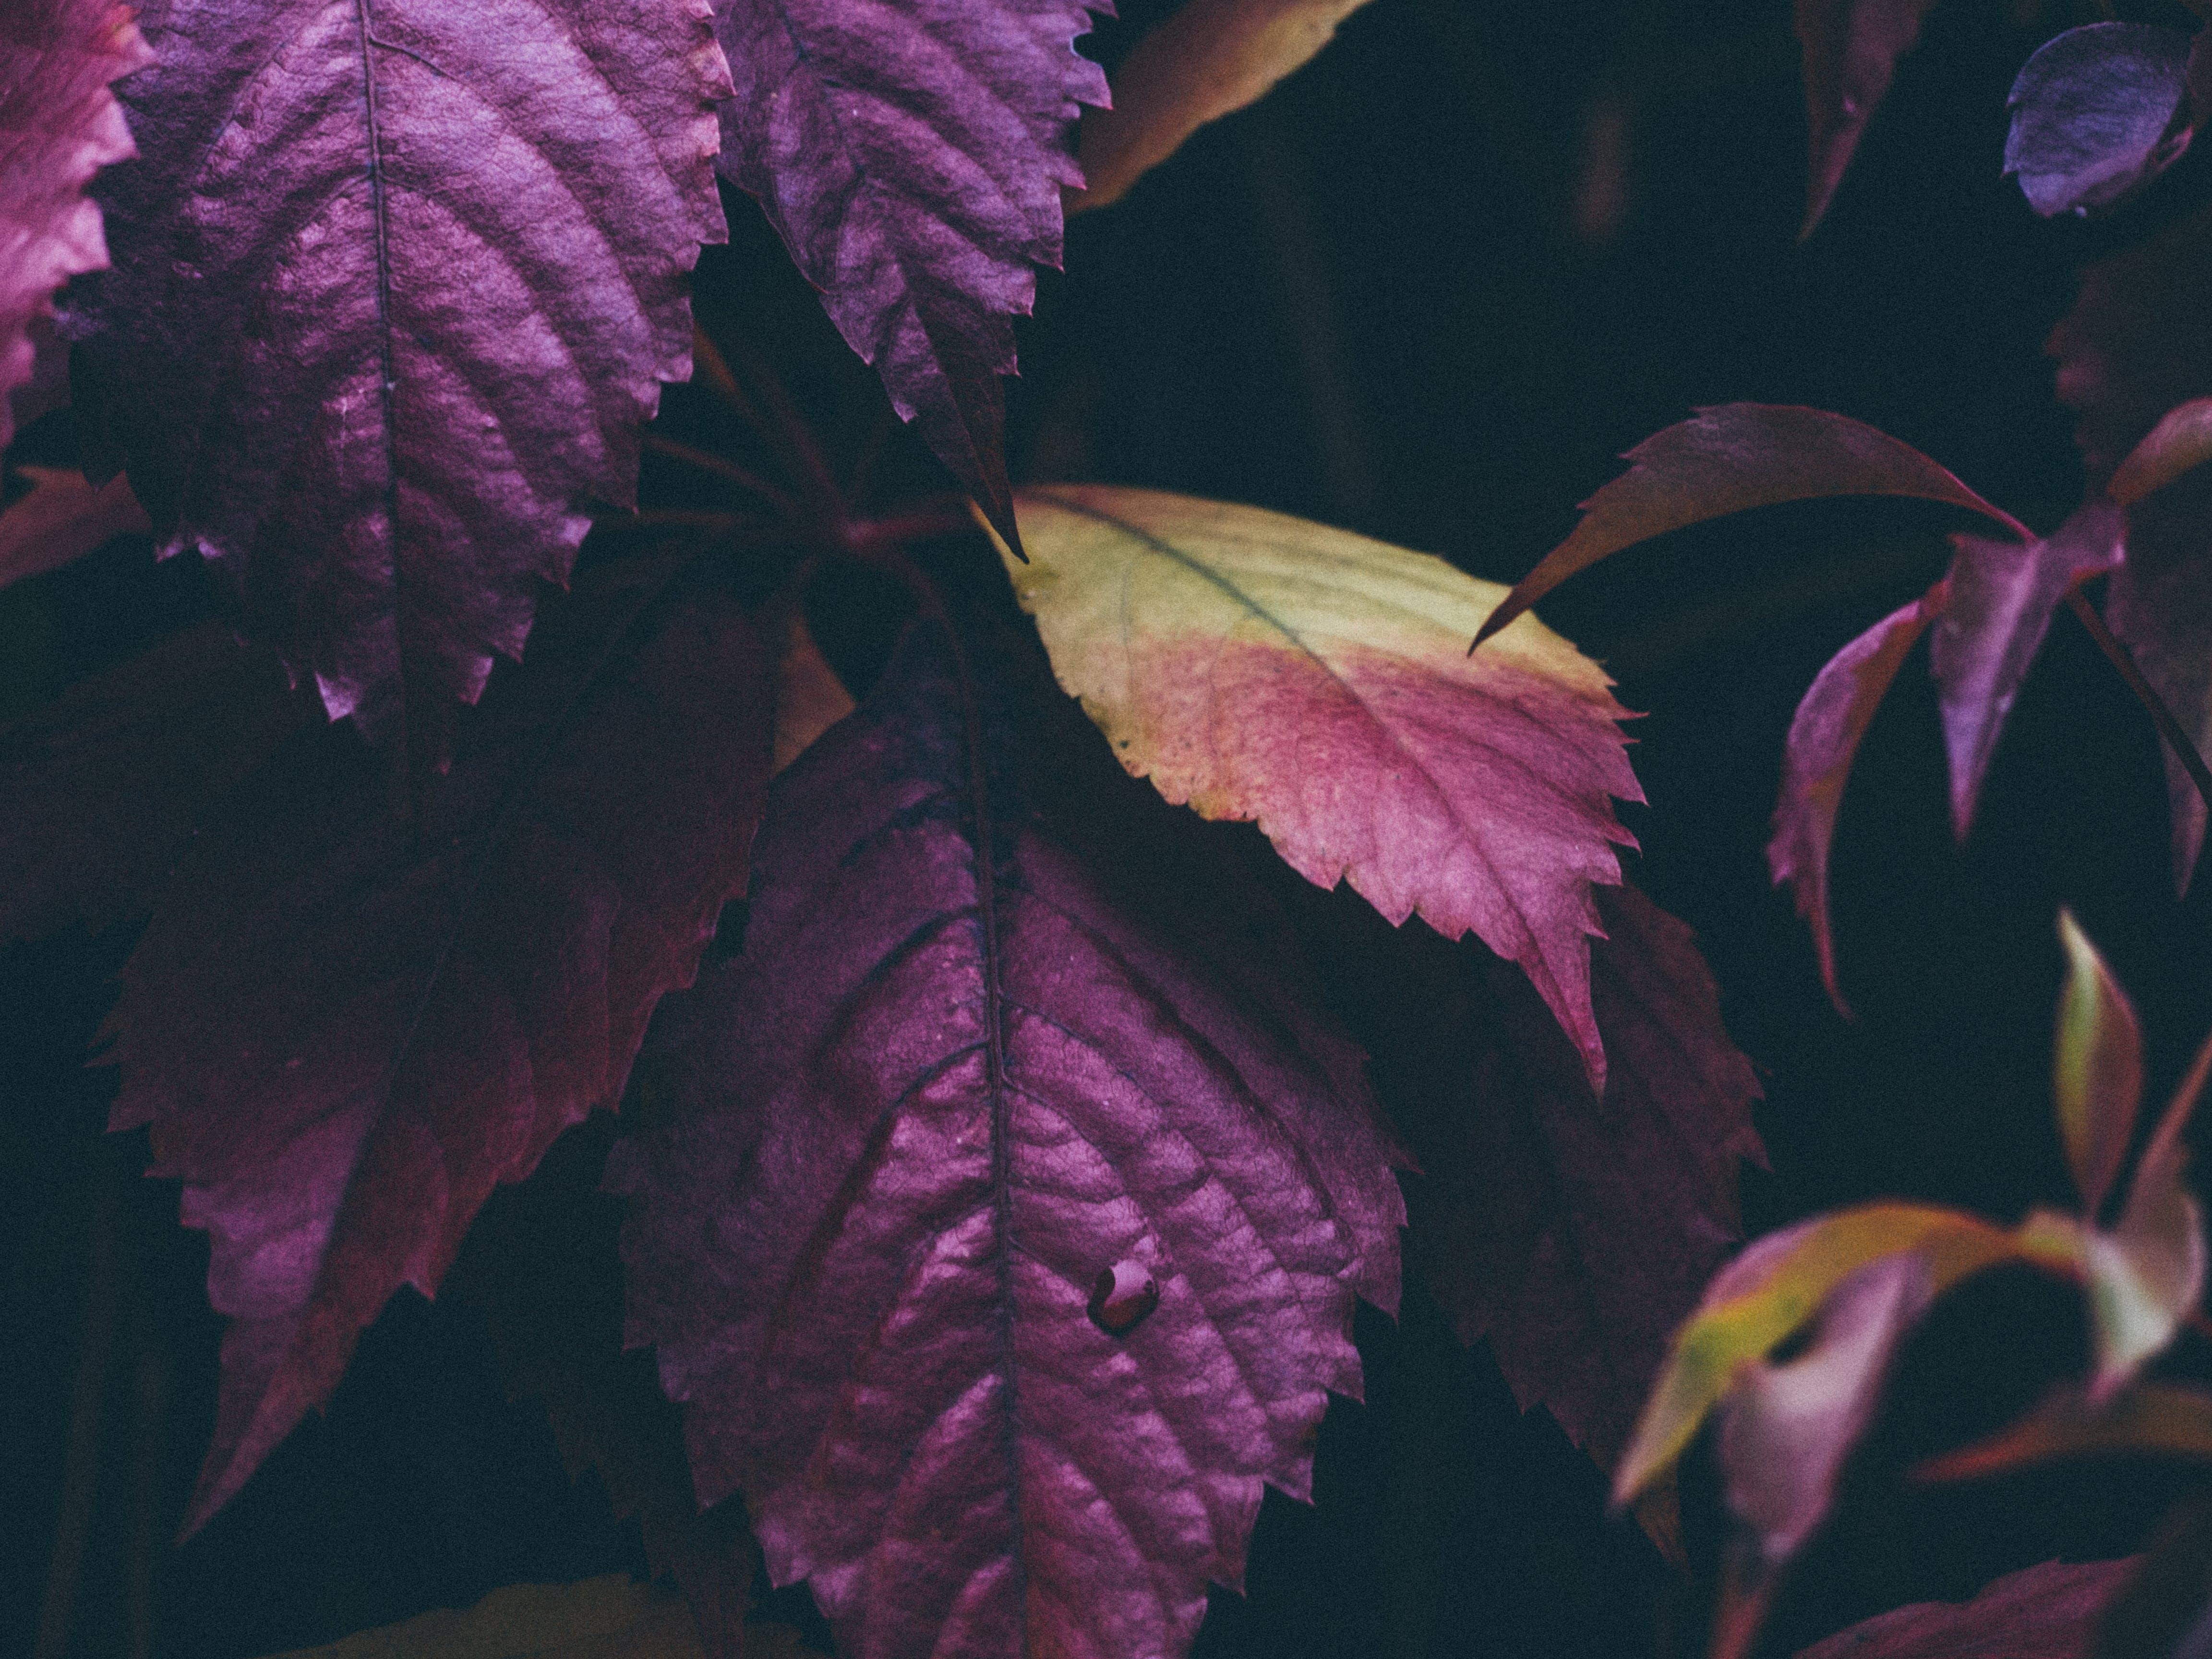 Free stock photo of leaves, autumn, fall, theme-autumn